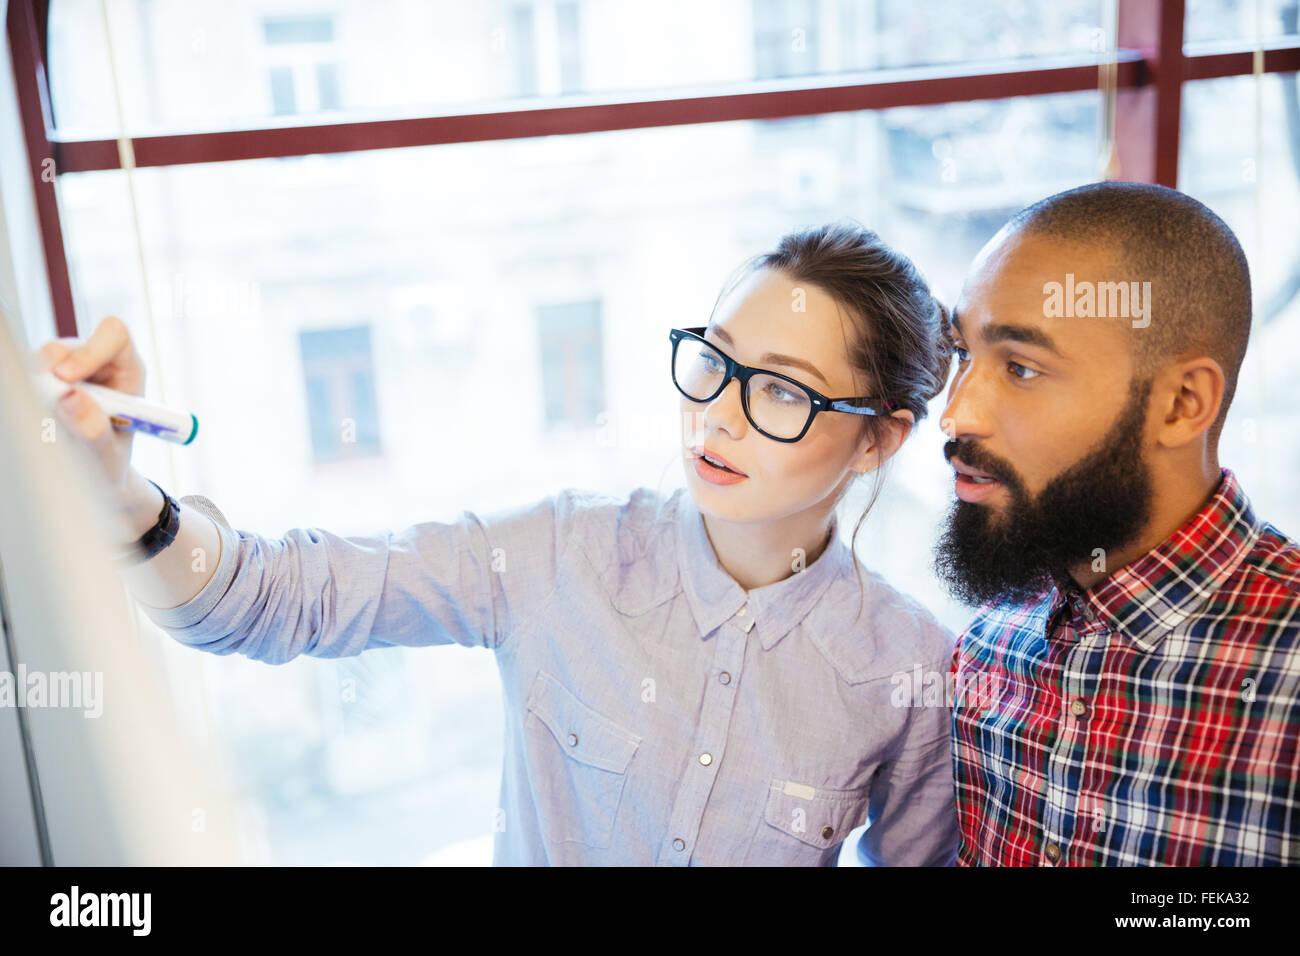 Junge Geschäftsleute mit Whiteboard im Büro Stockbild